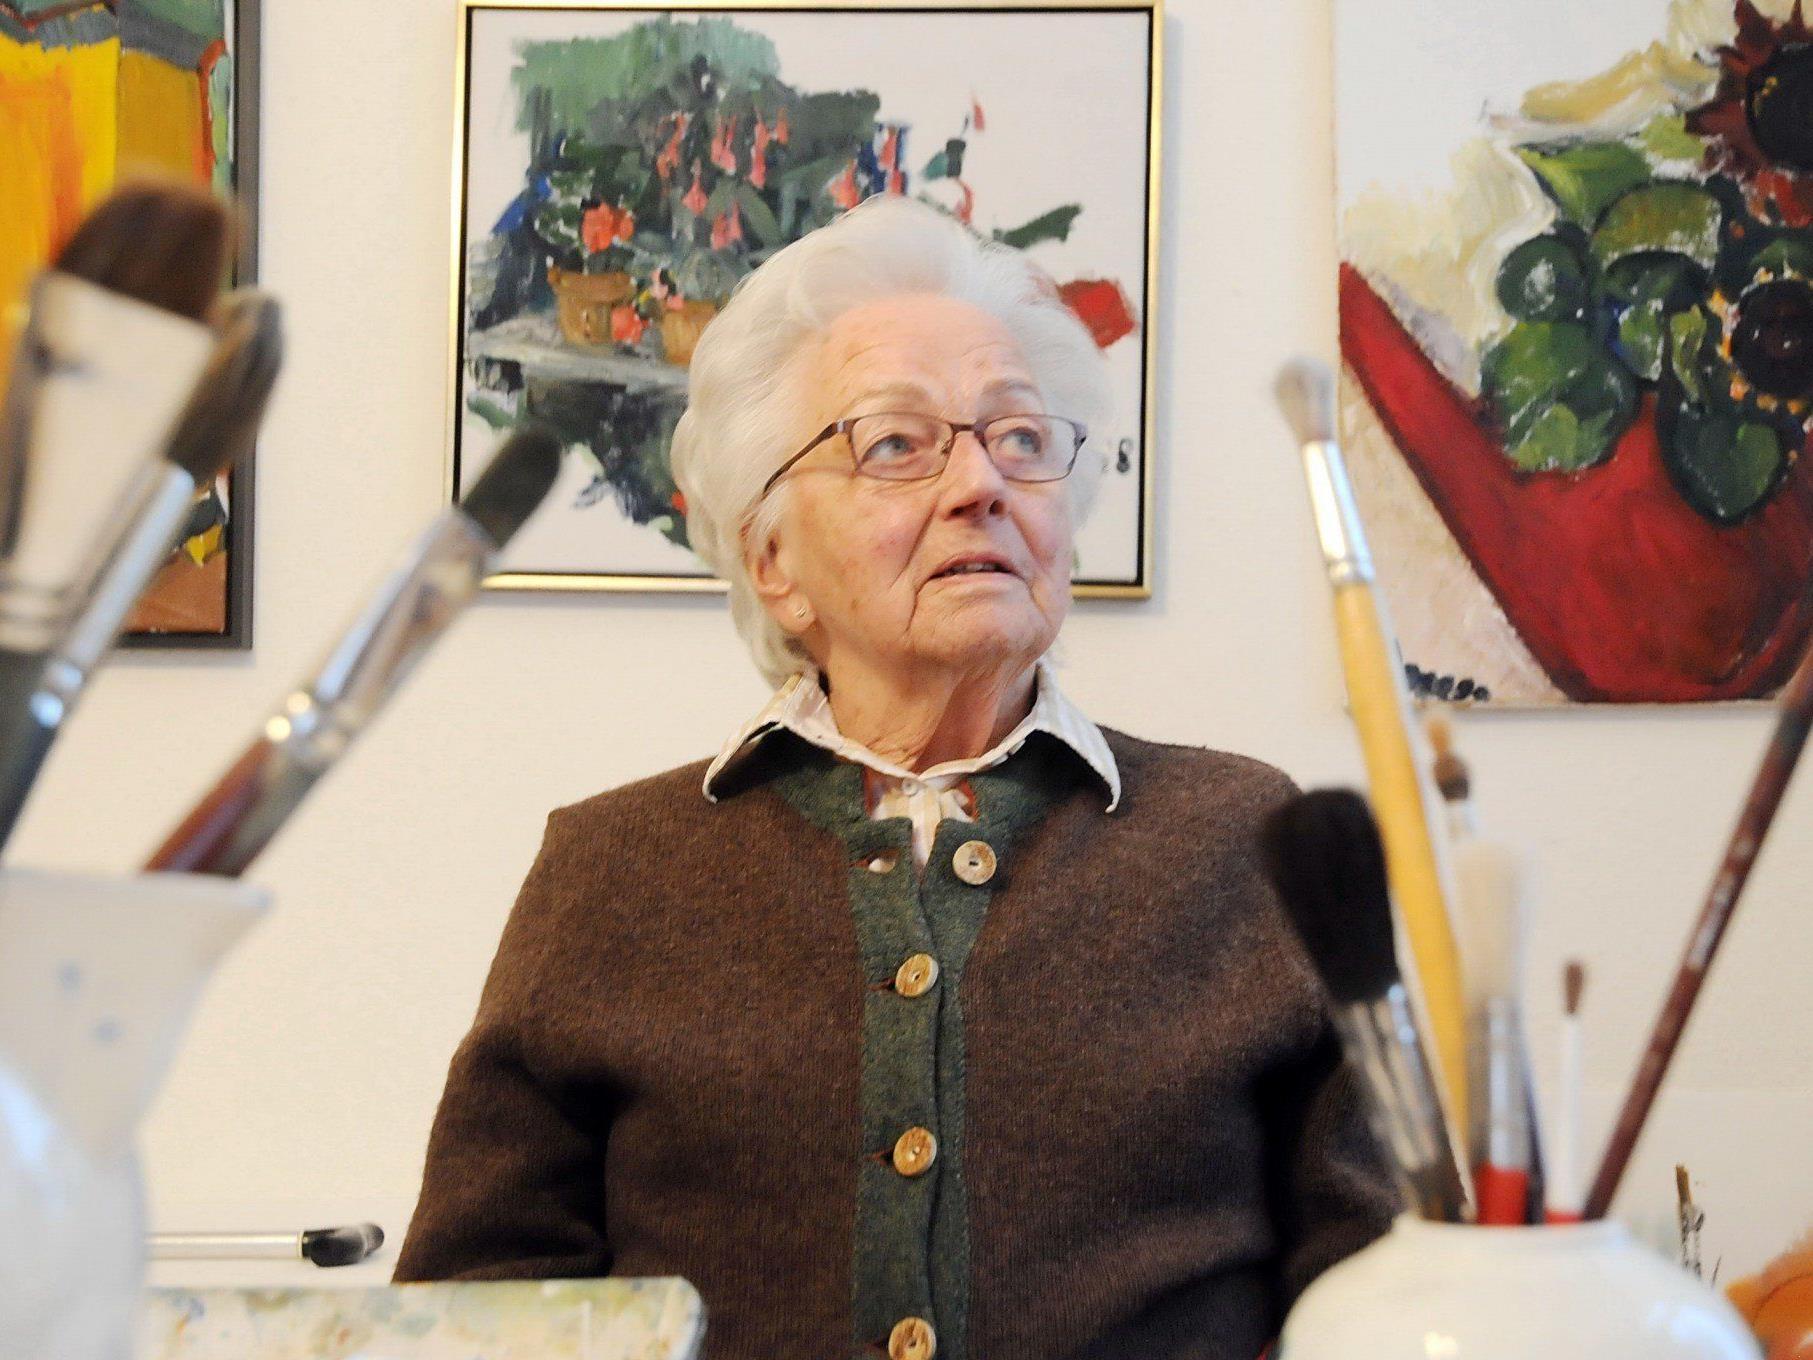 Ein Leben für die Kunst - Die Malerin Lore Rhomberg feiert mit einer großen Ausstellung ihren 90. Geburtstag.